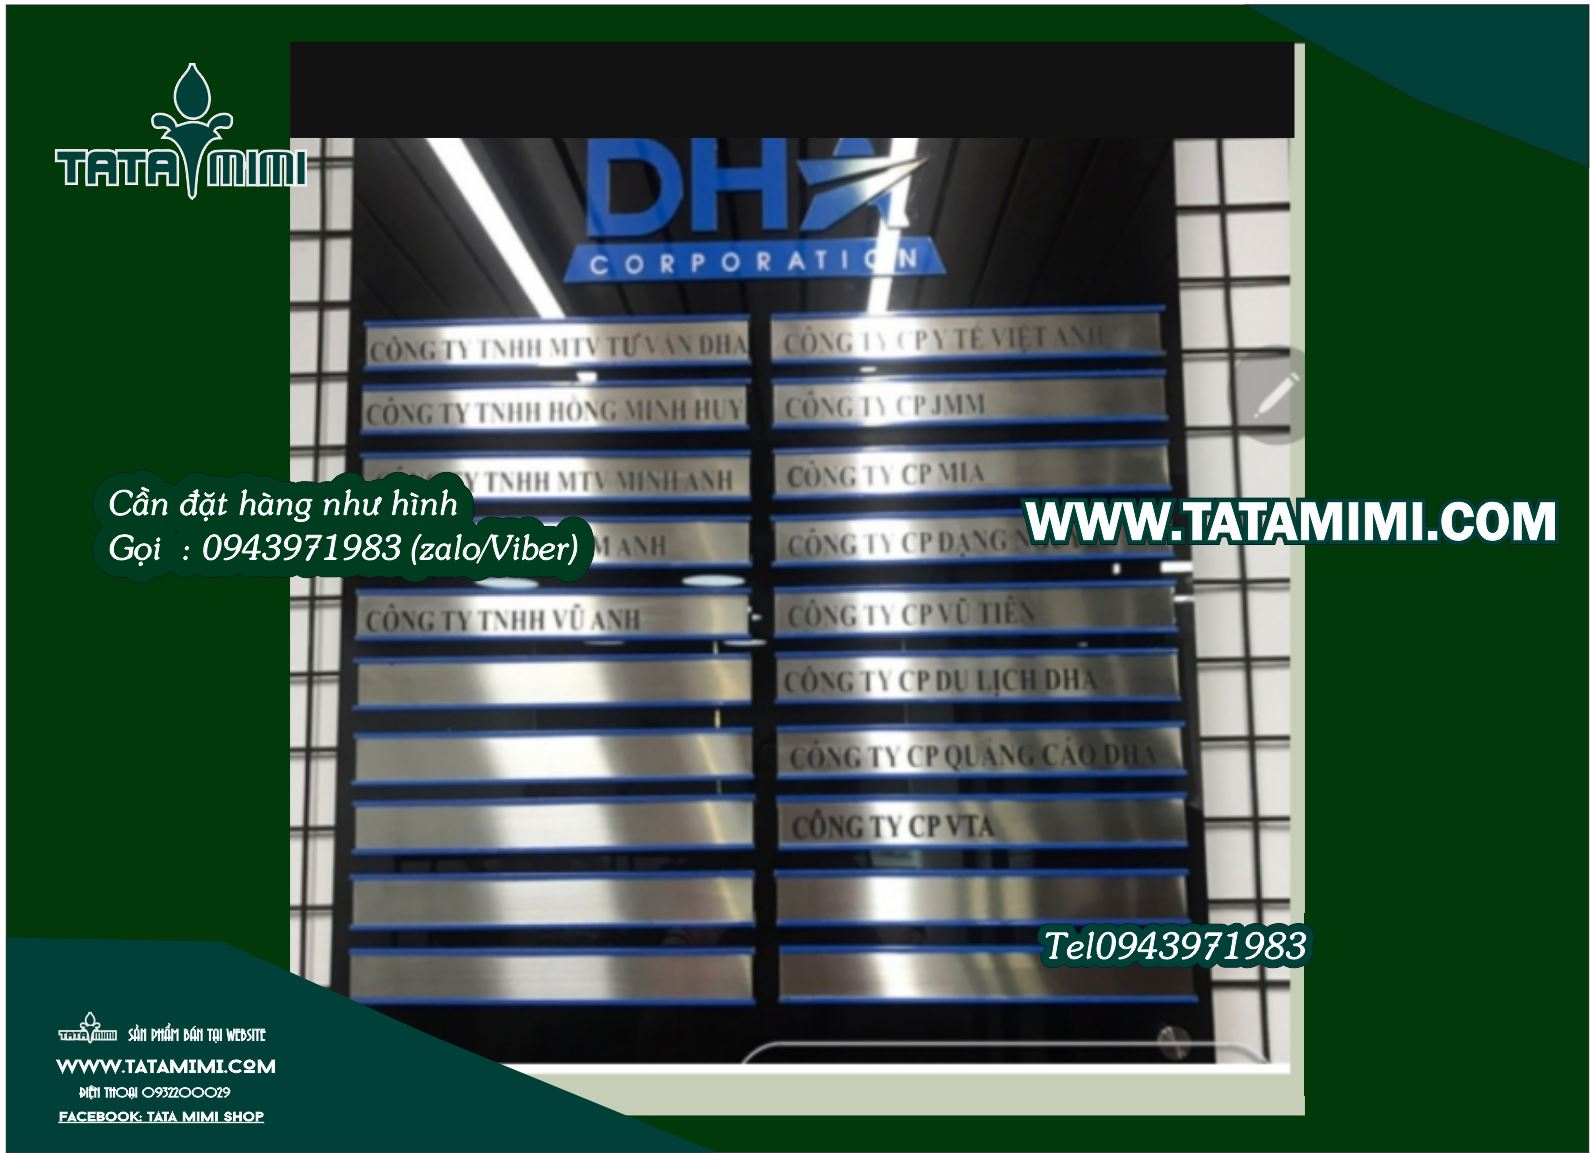 Biển sơ đồ tòa nhà ,Biển Directory